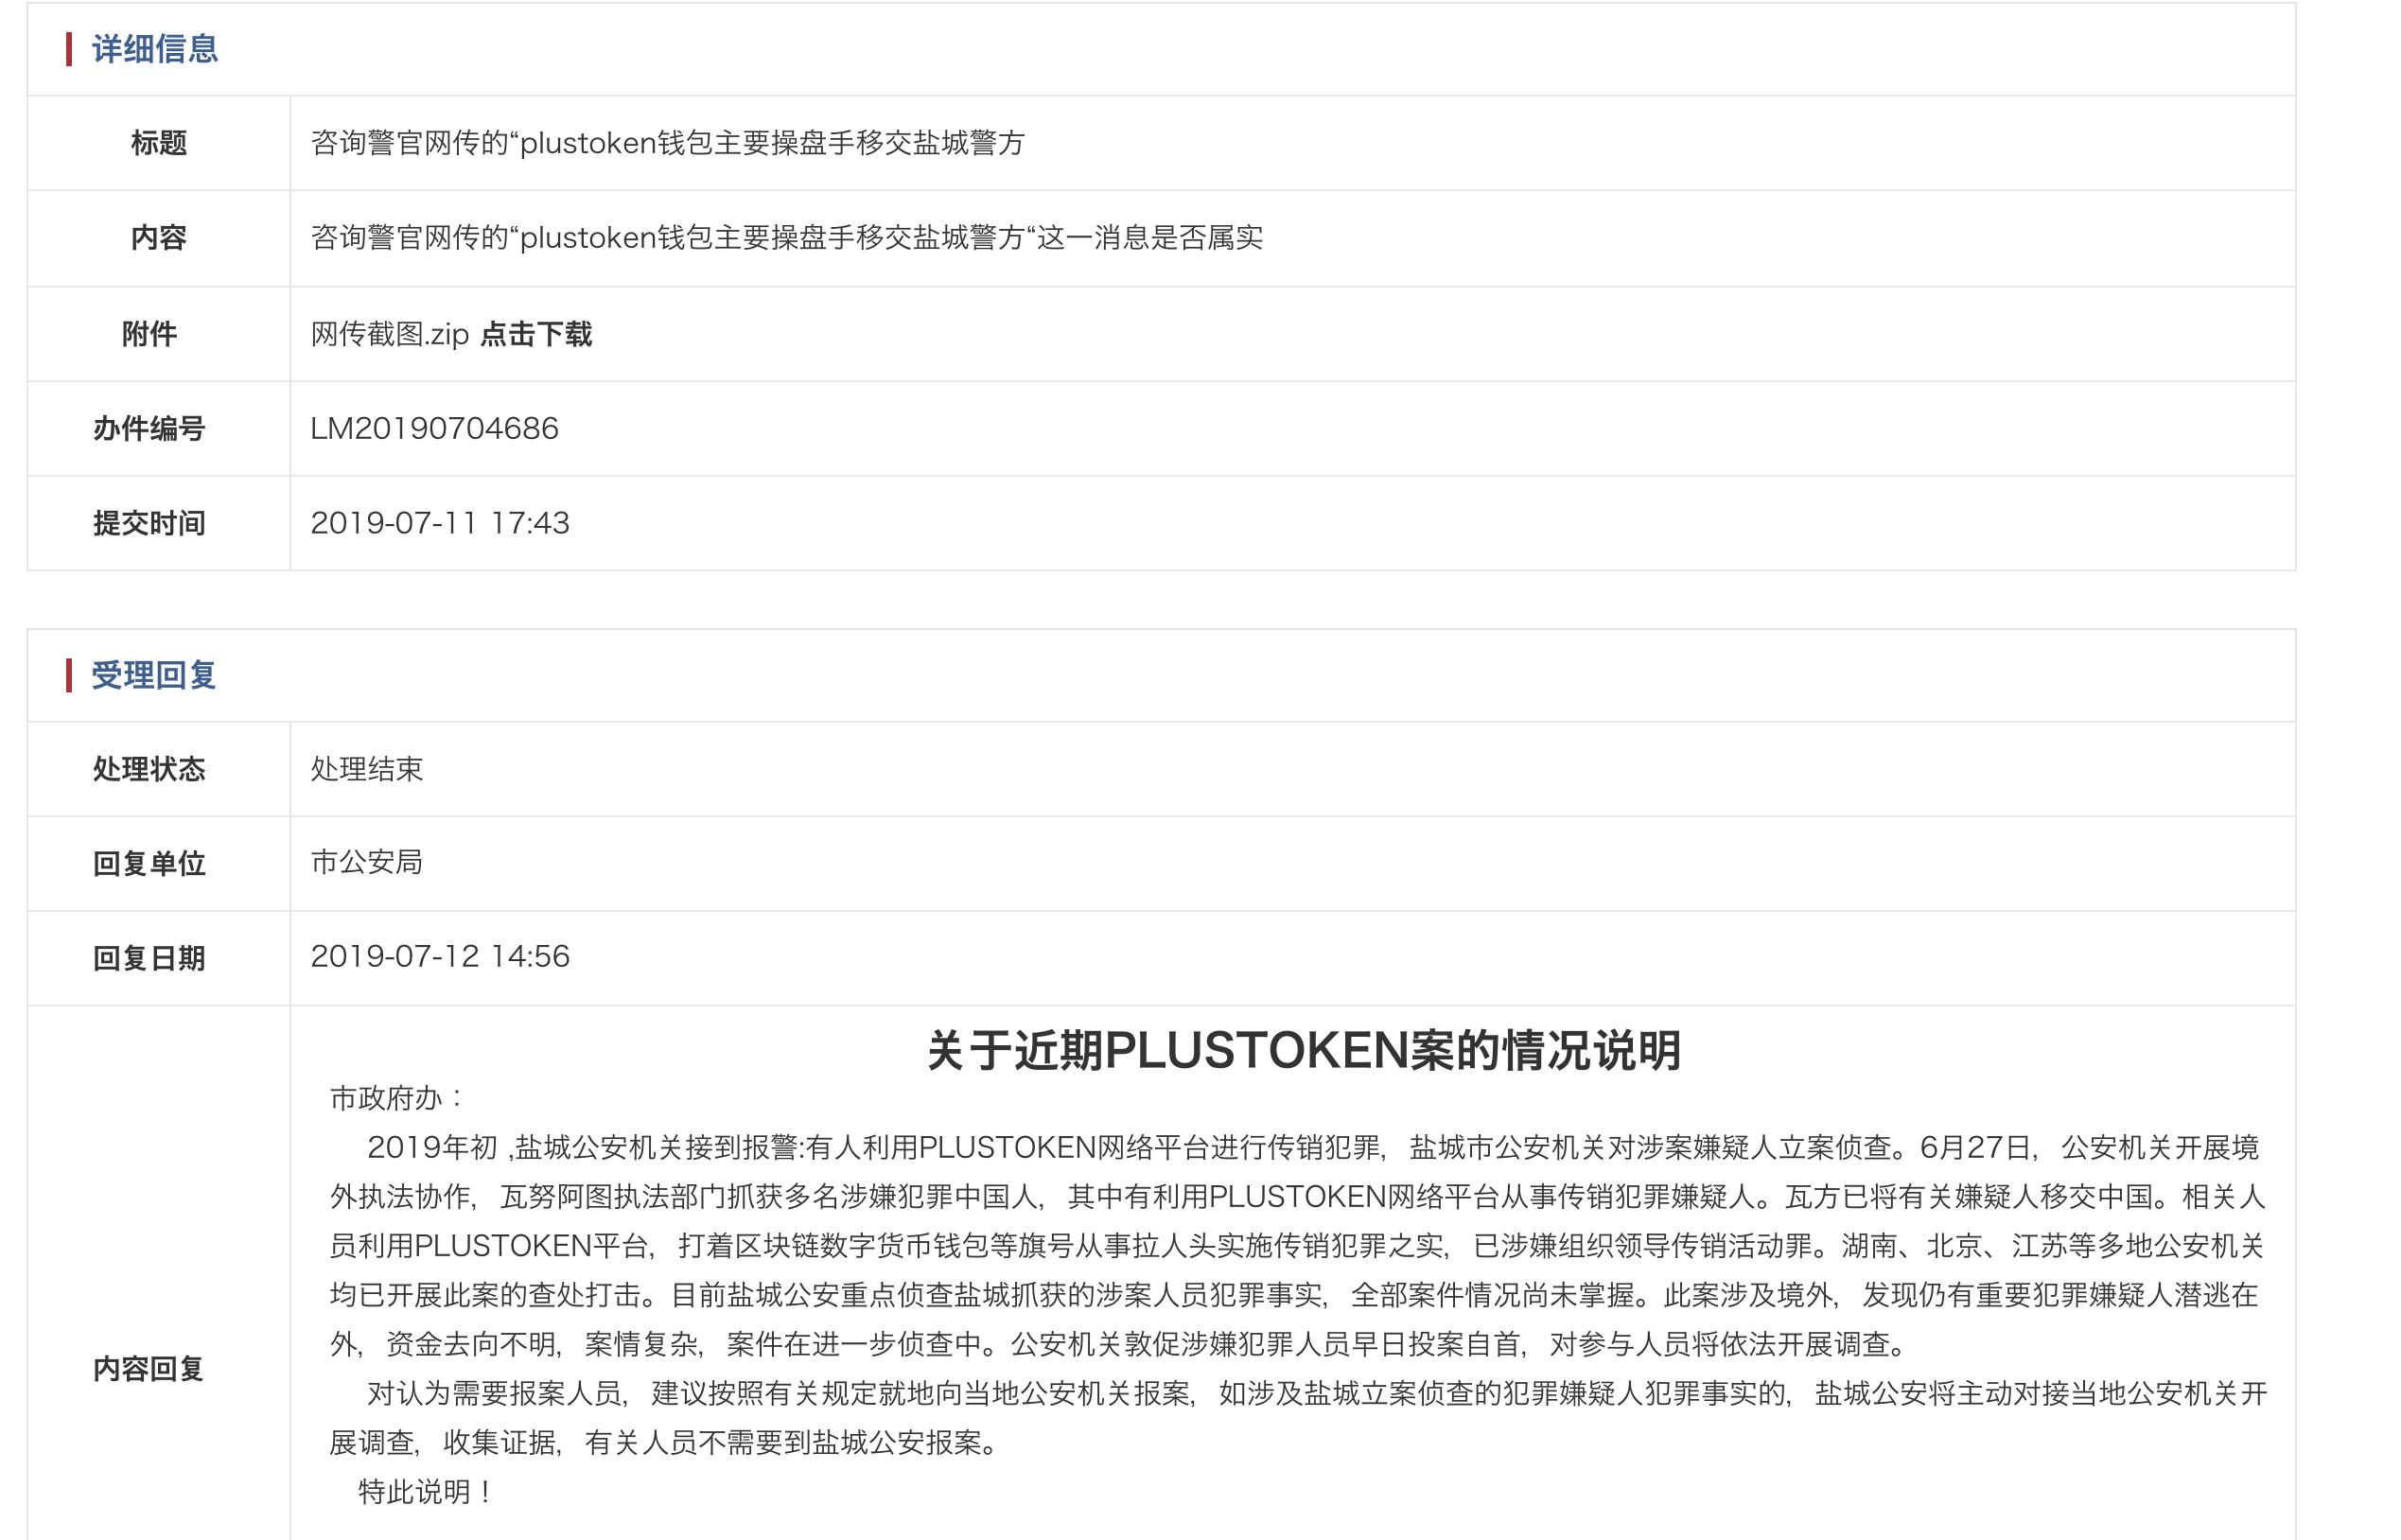 PlusToken(プラストークン) 中国リーダー 実名 晒される